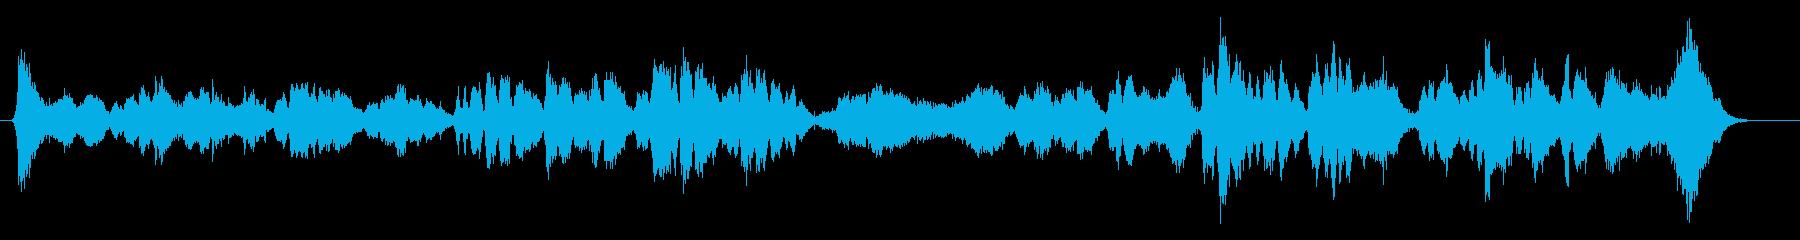 音楽アメリカ国歌バンド群衆-音楽ア...の再生済みの波形